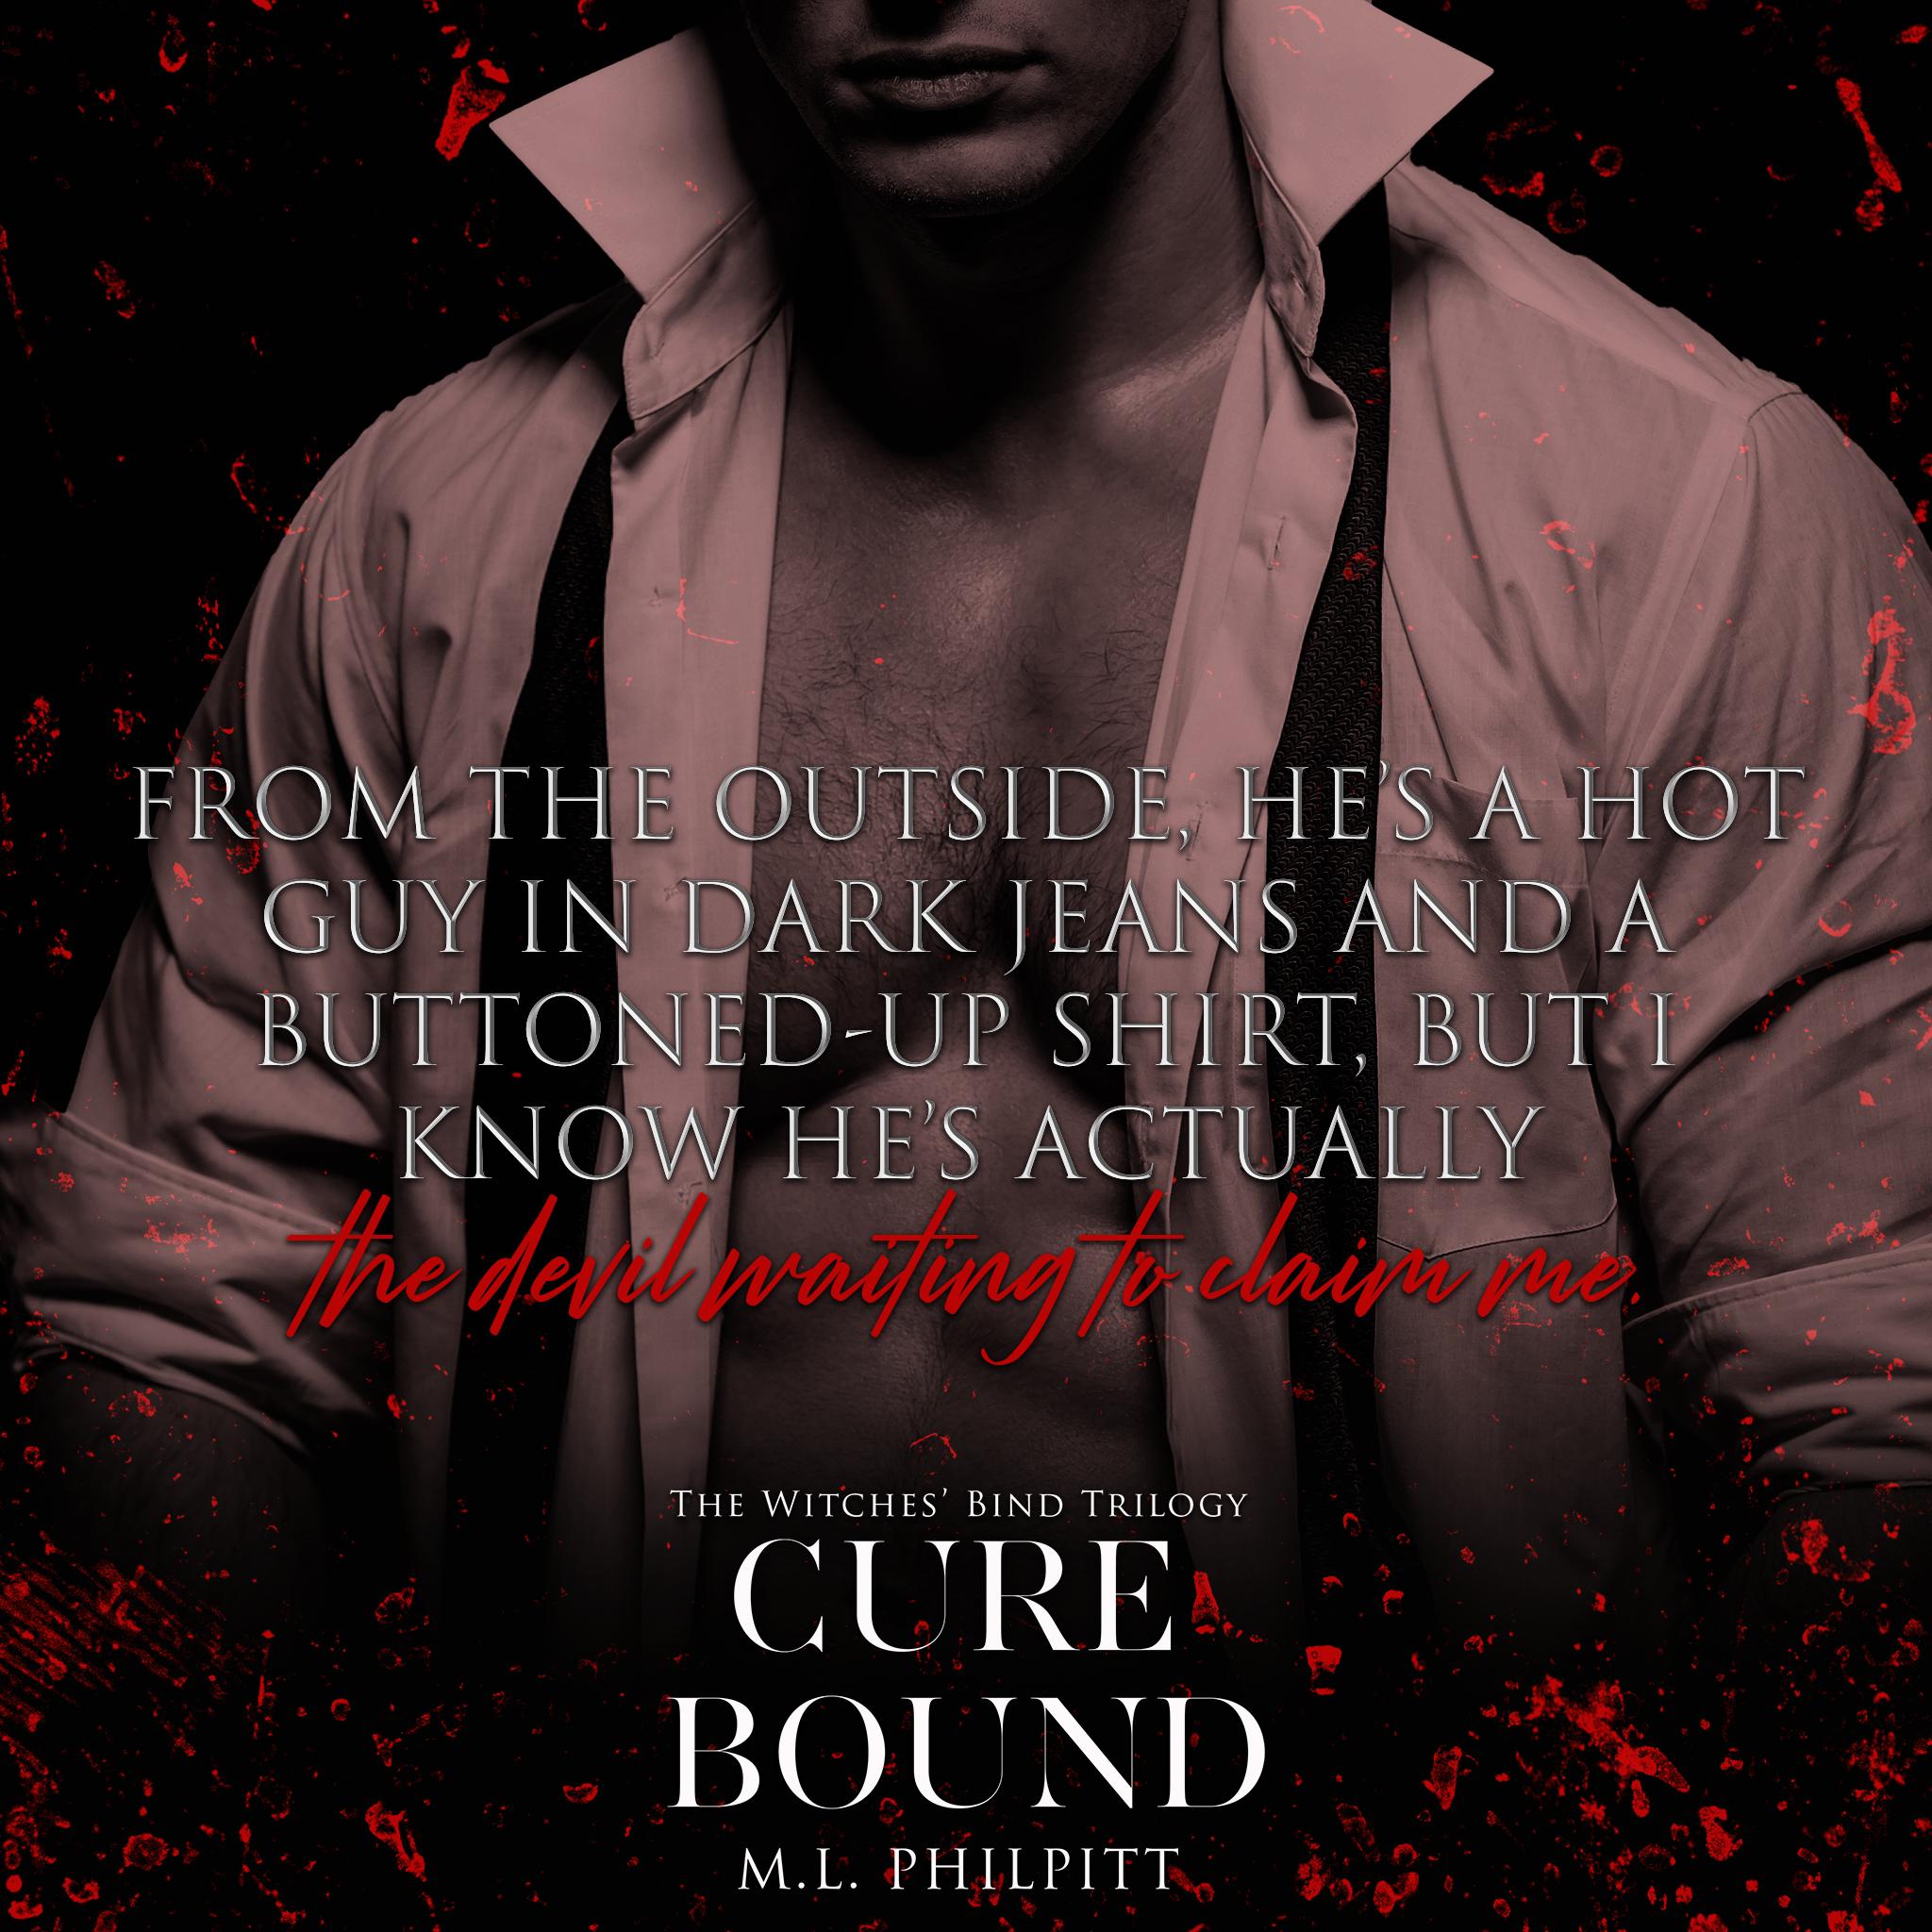 April 26 Cure Bound M.L. Philpitt (1)